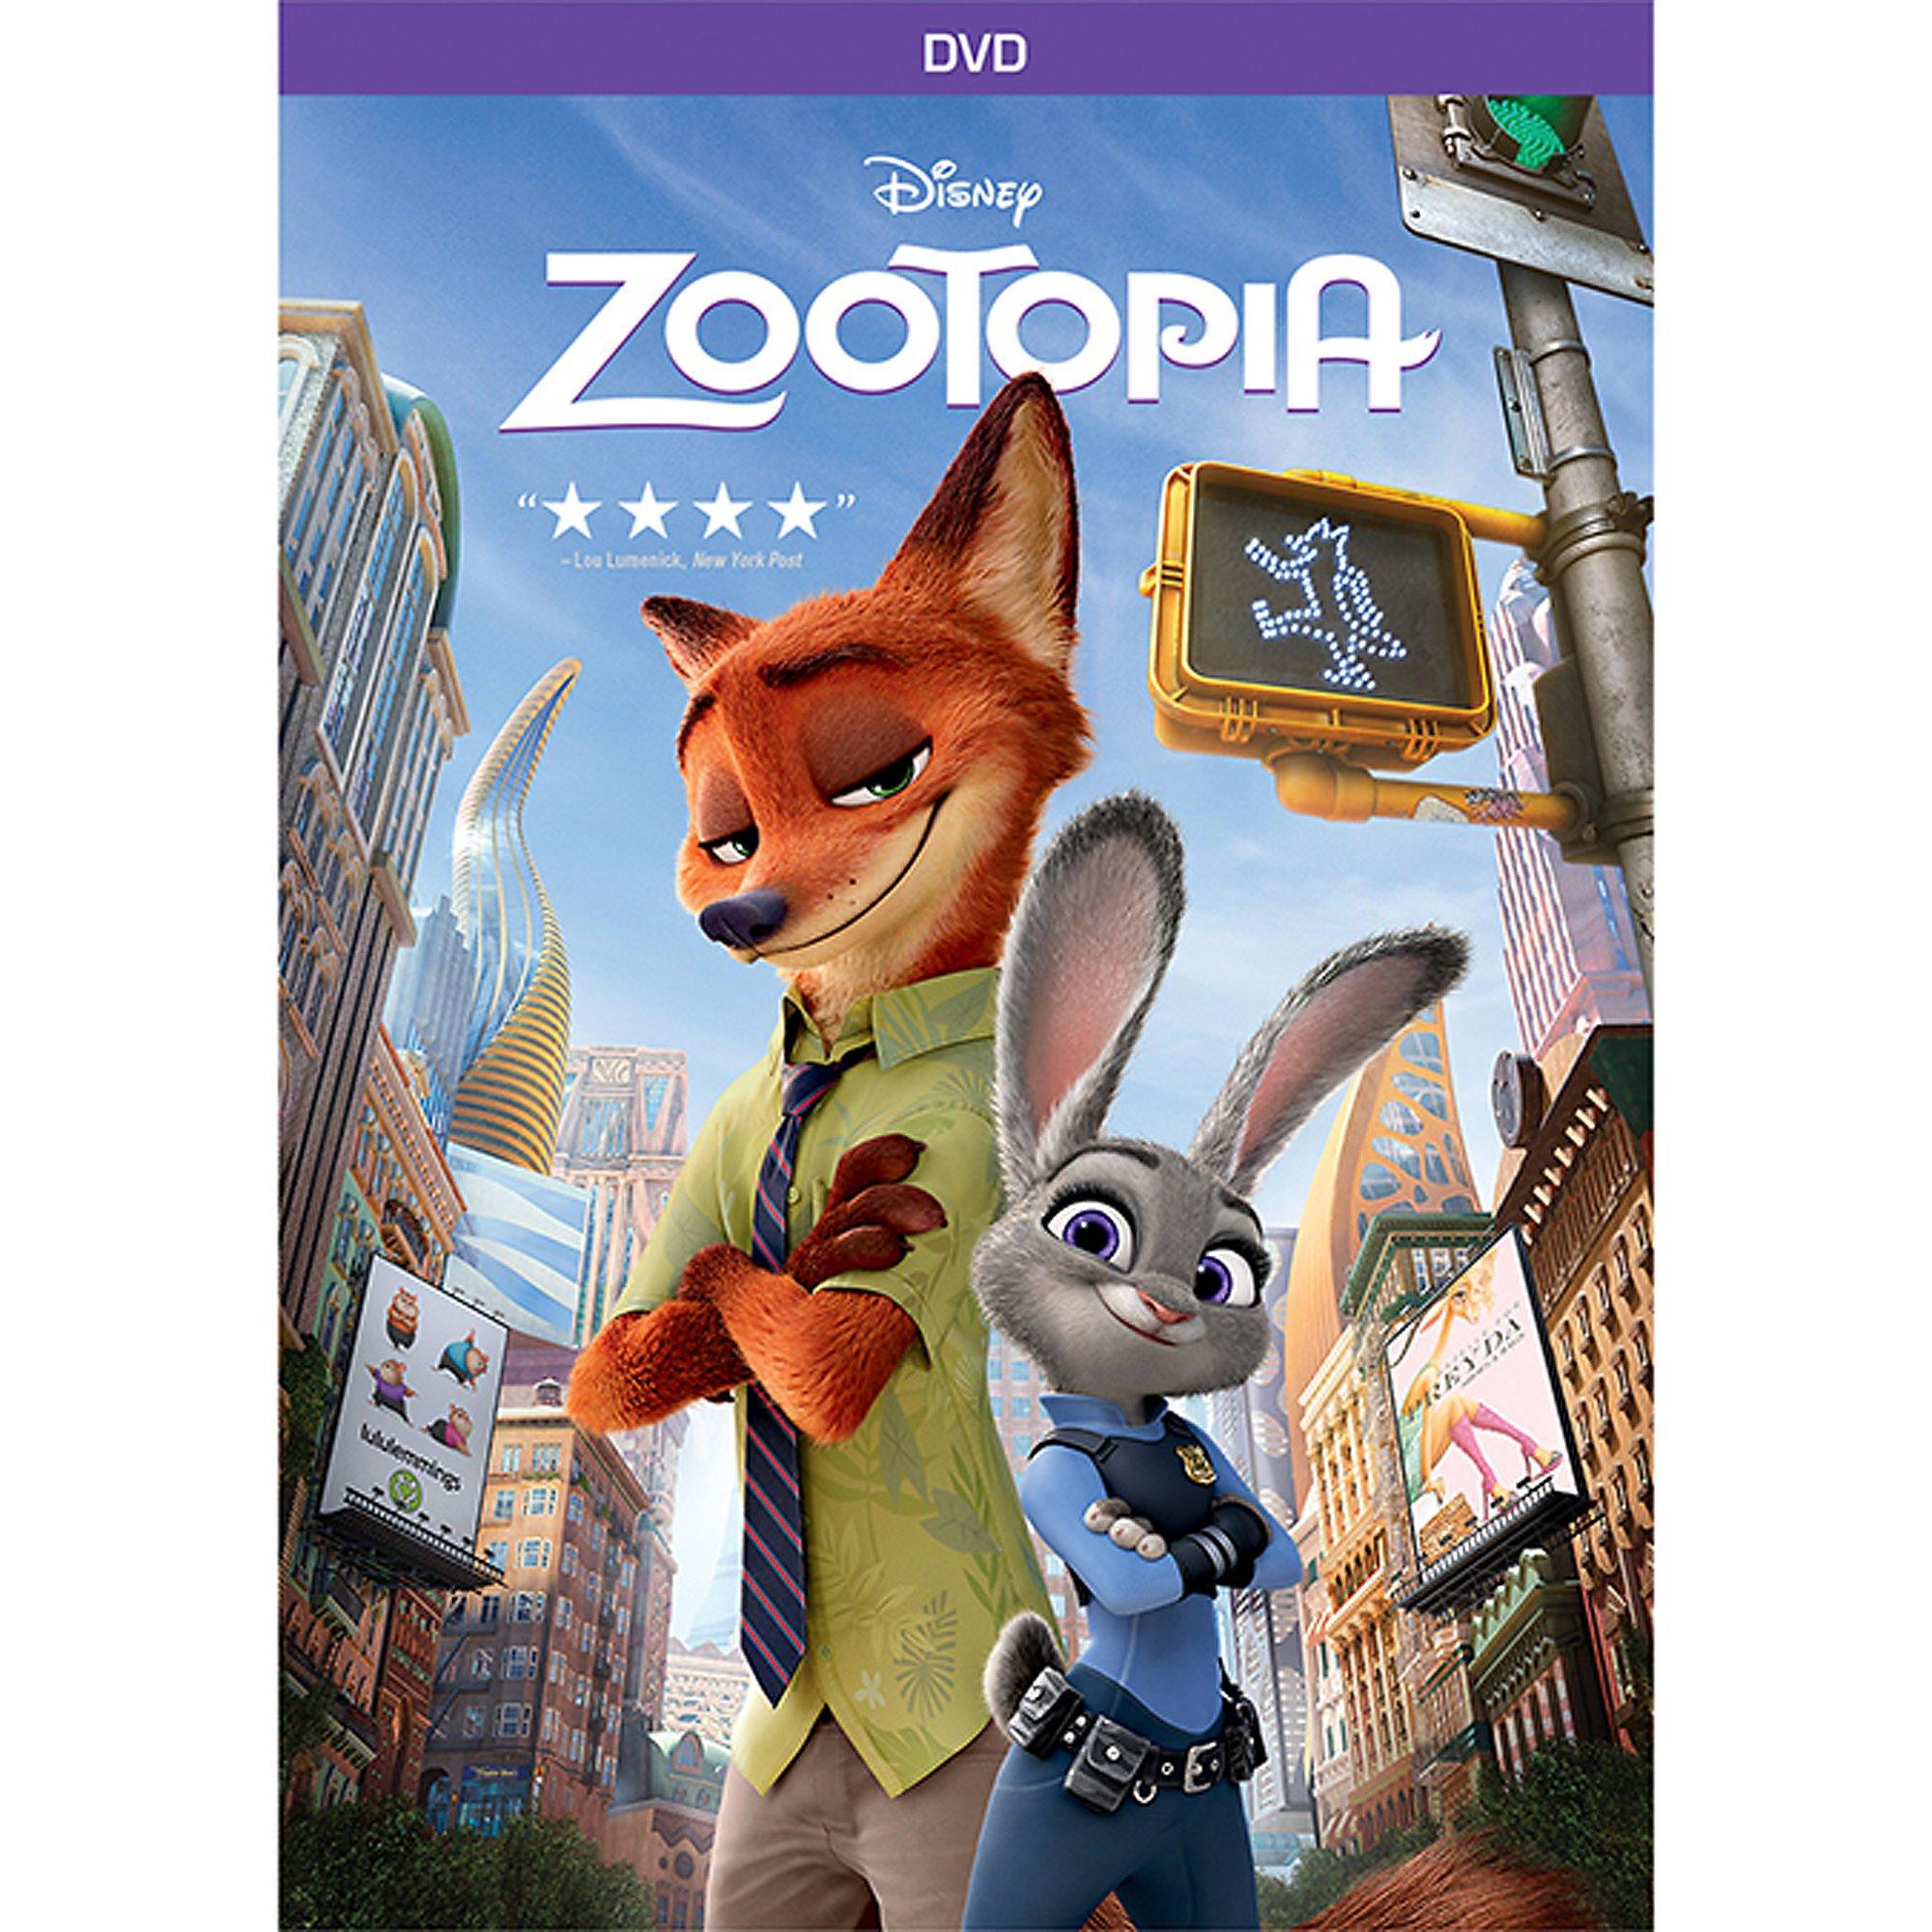 Zootopia (DVD,2016, Animation)